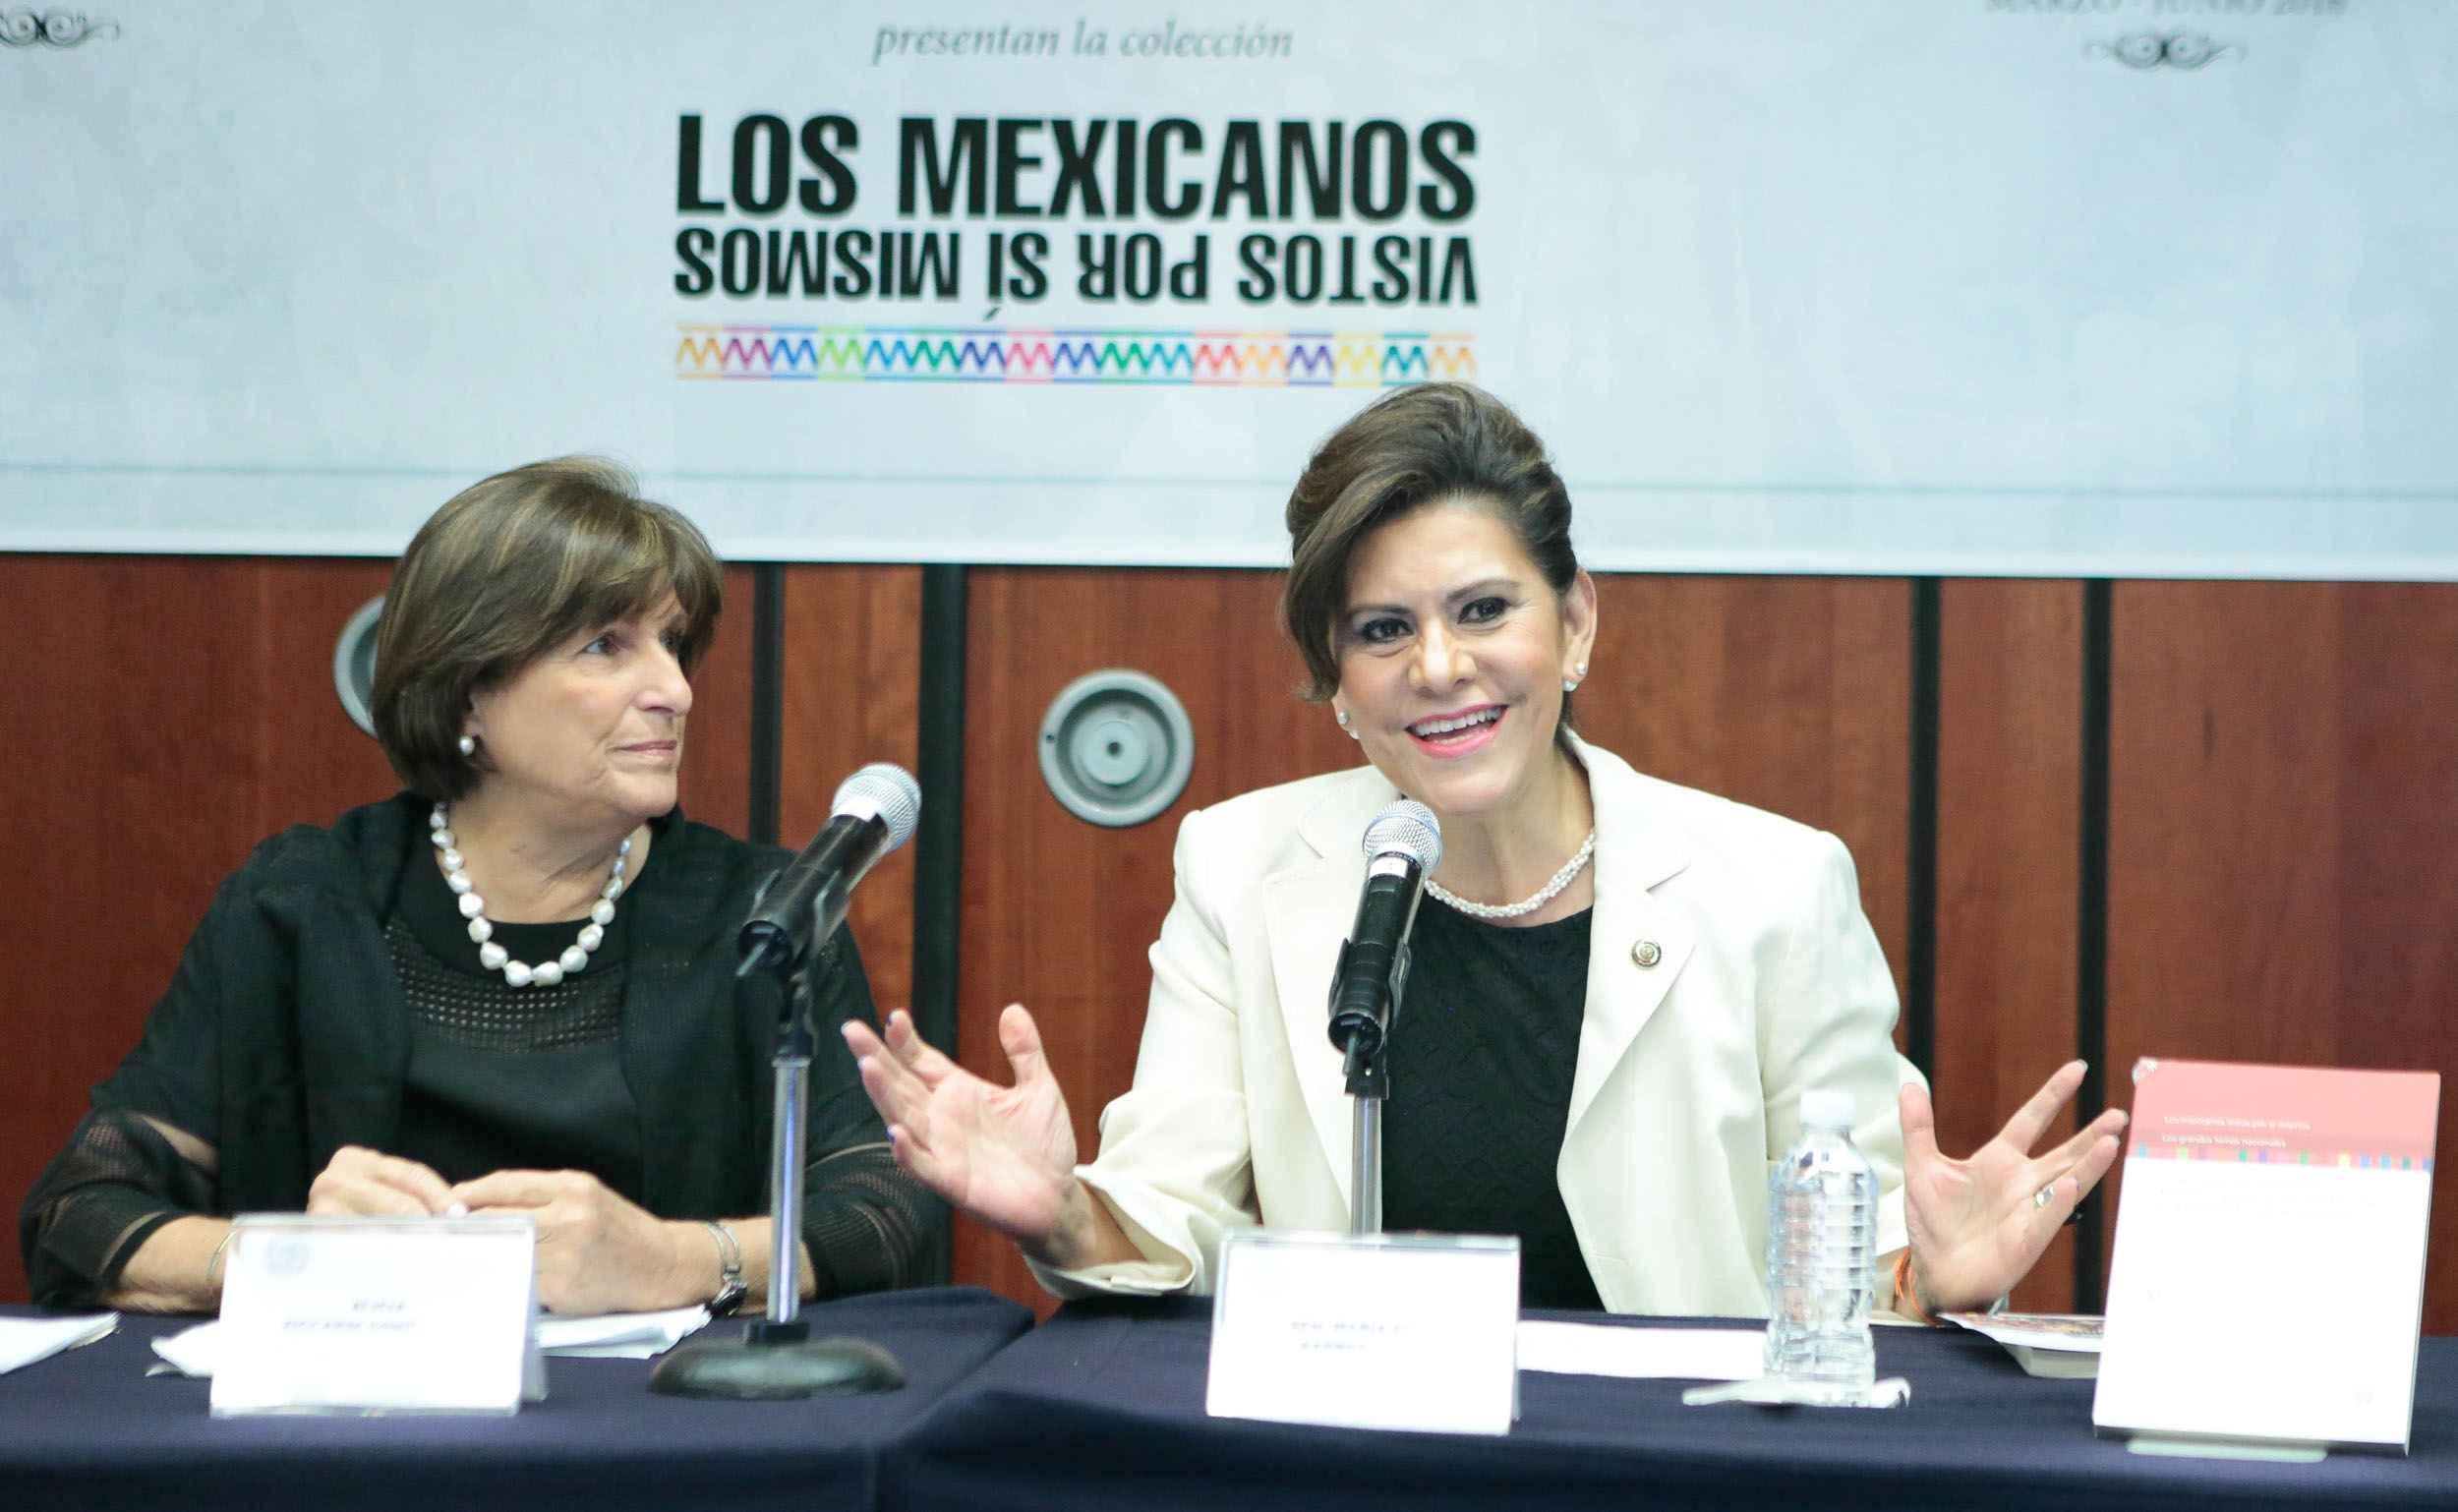 Carecen de servicios en casas 25 millones: UNAM